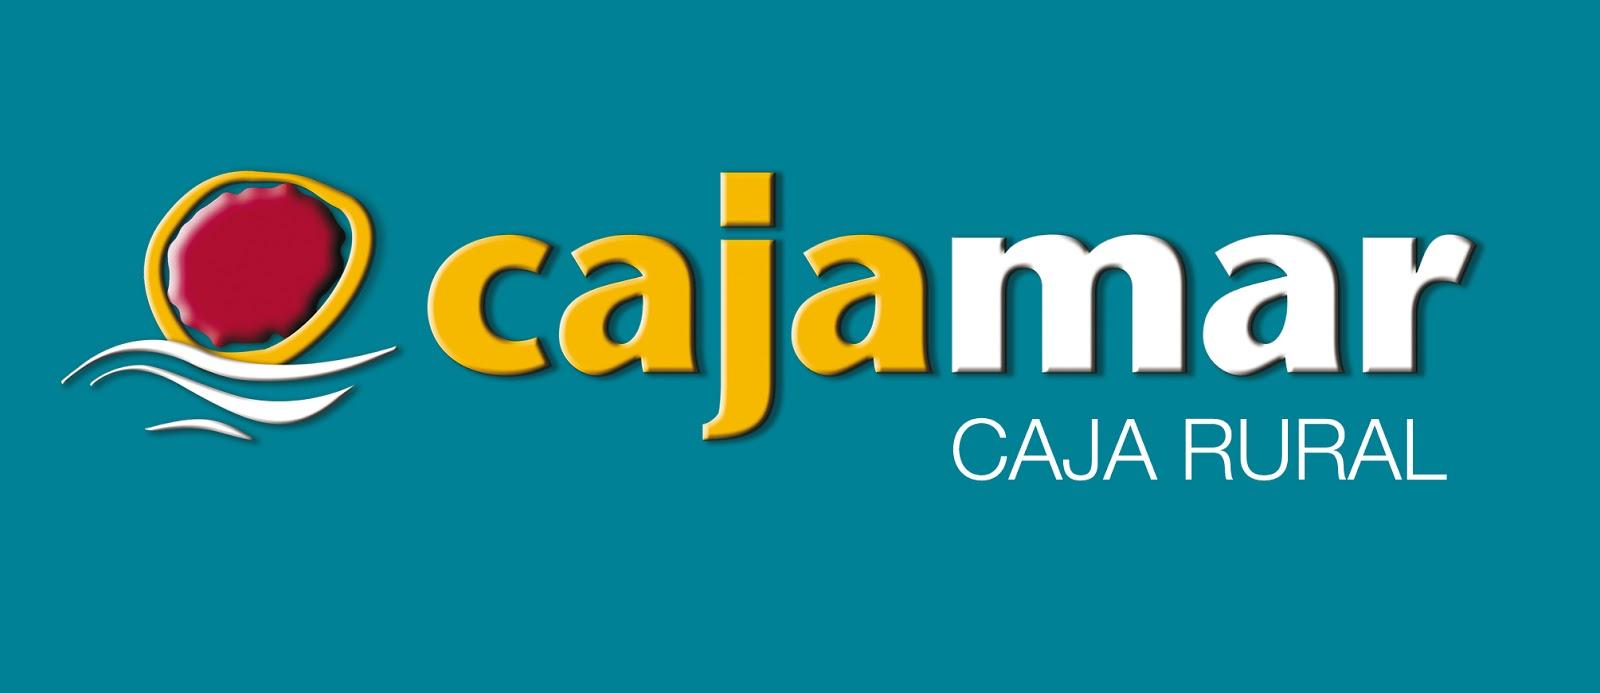 Les not cies del cambrils ucf comunicat canvi entitat for Oficina 3058 cajamar